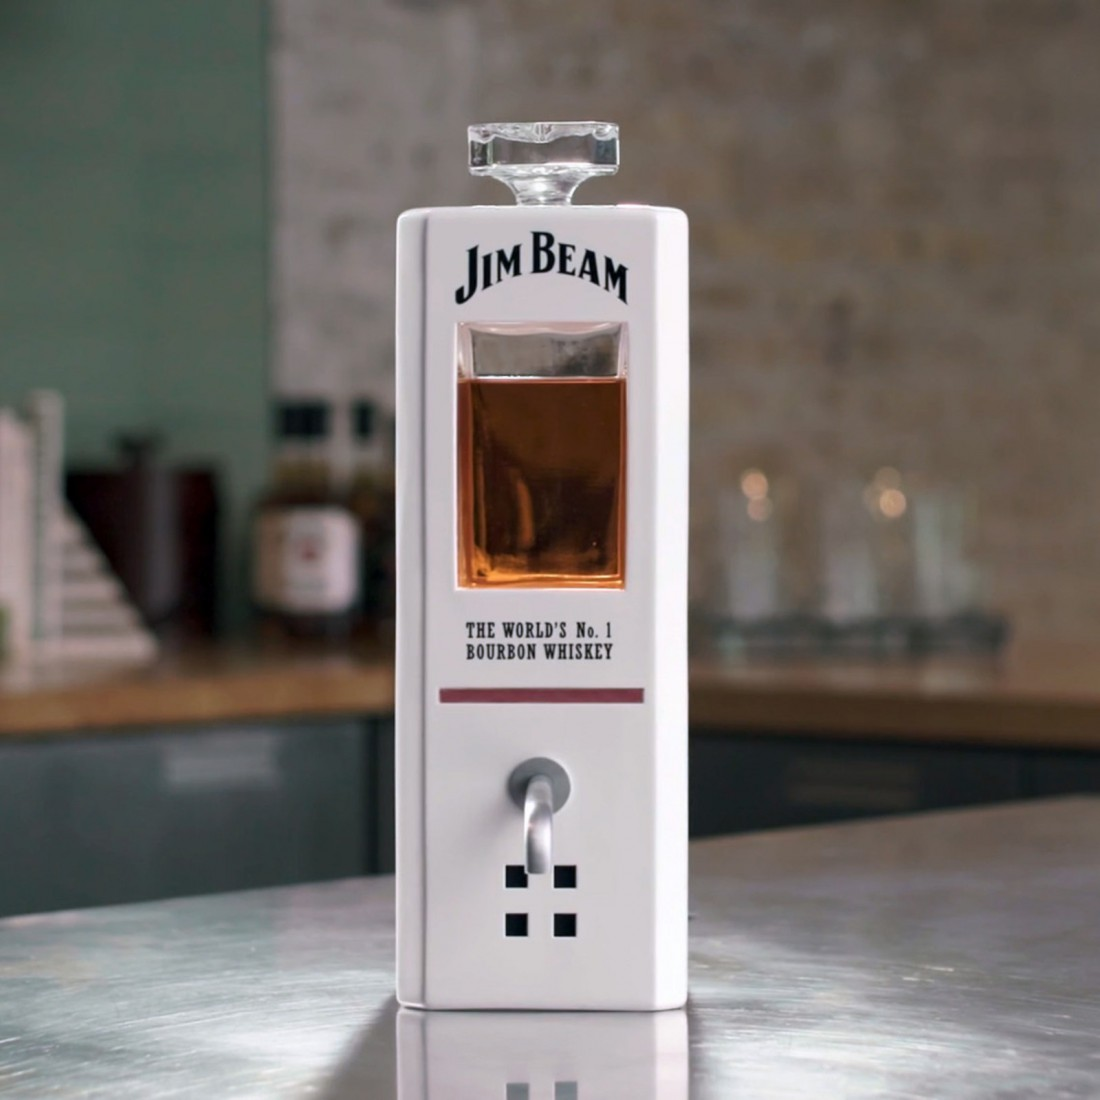 C JIM'ом можно пить и болтать. Правда, наливает только по 50 мл